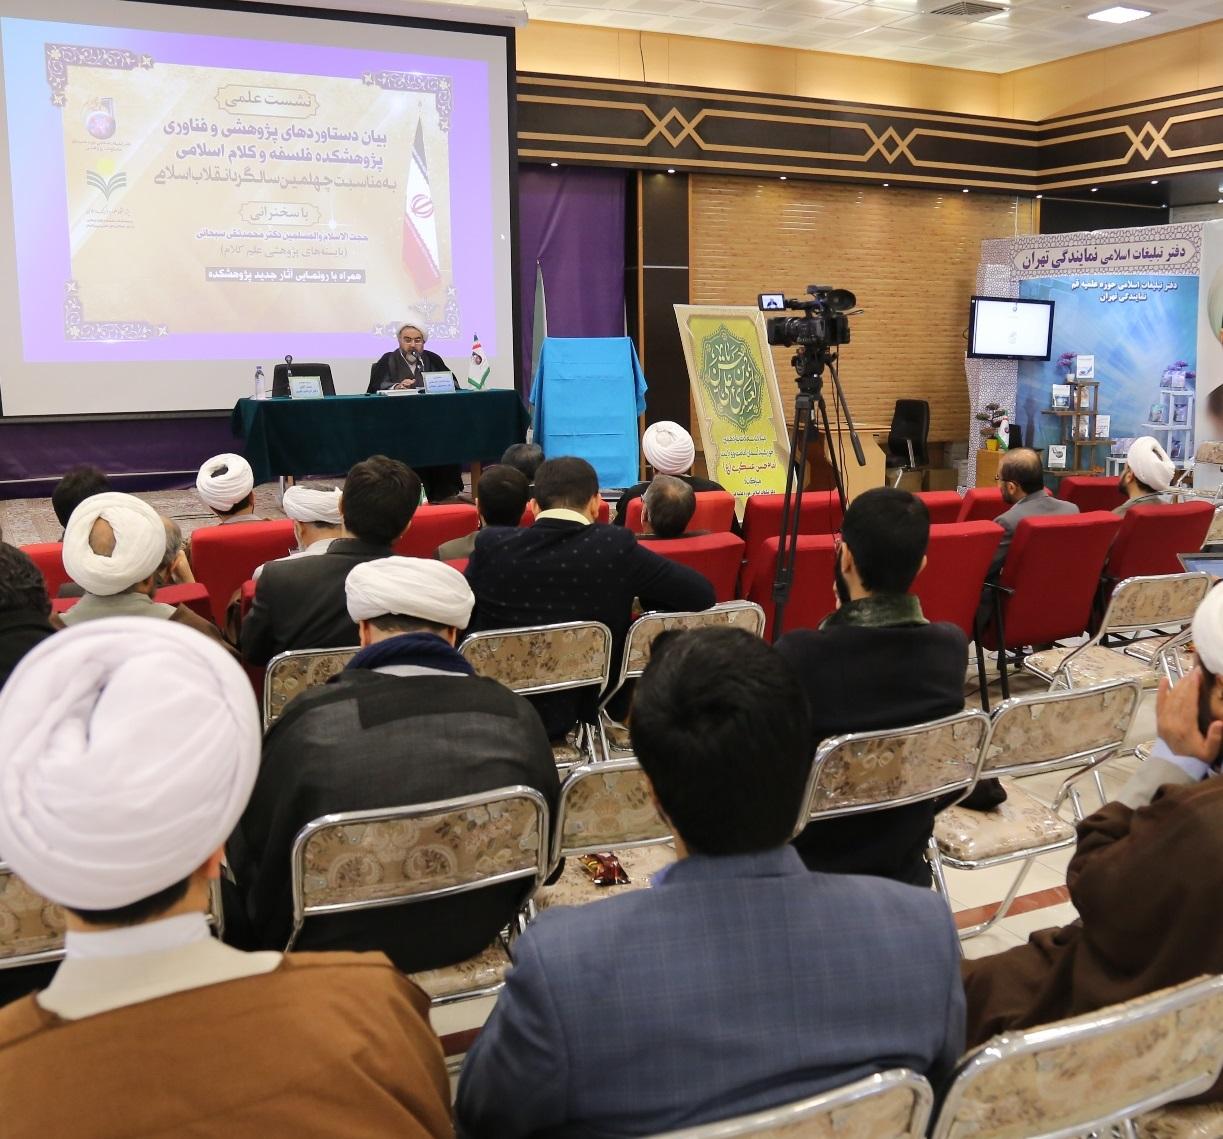 نشست علمیبیان دستاوردهای پژوهشی و فناوری پژوهشکده فلسفه و کلام اسلامی برگزار شد